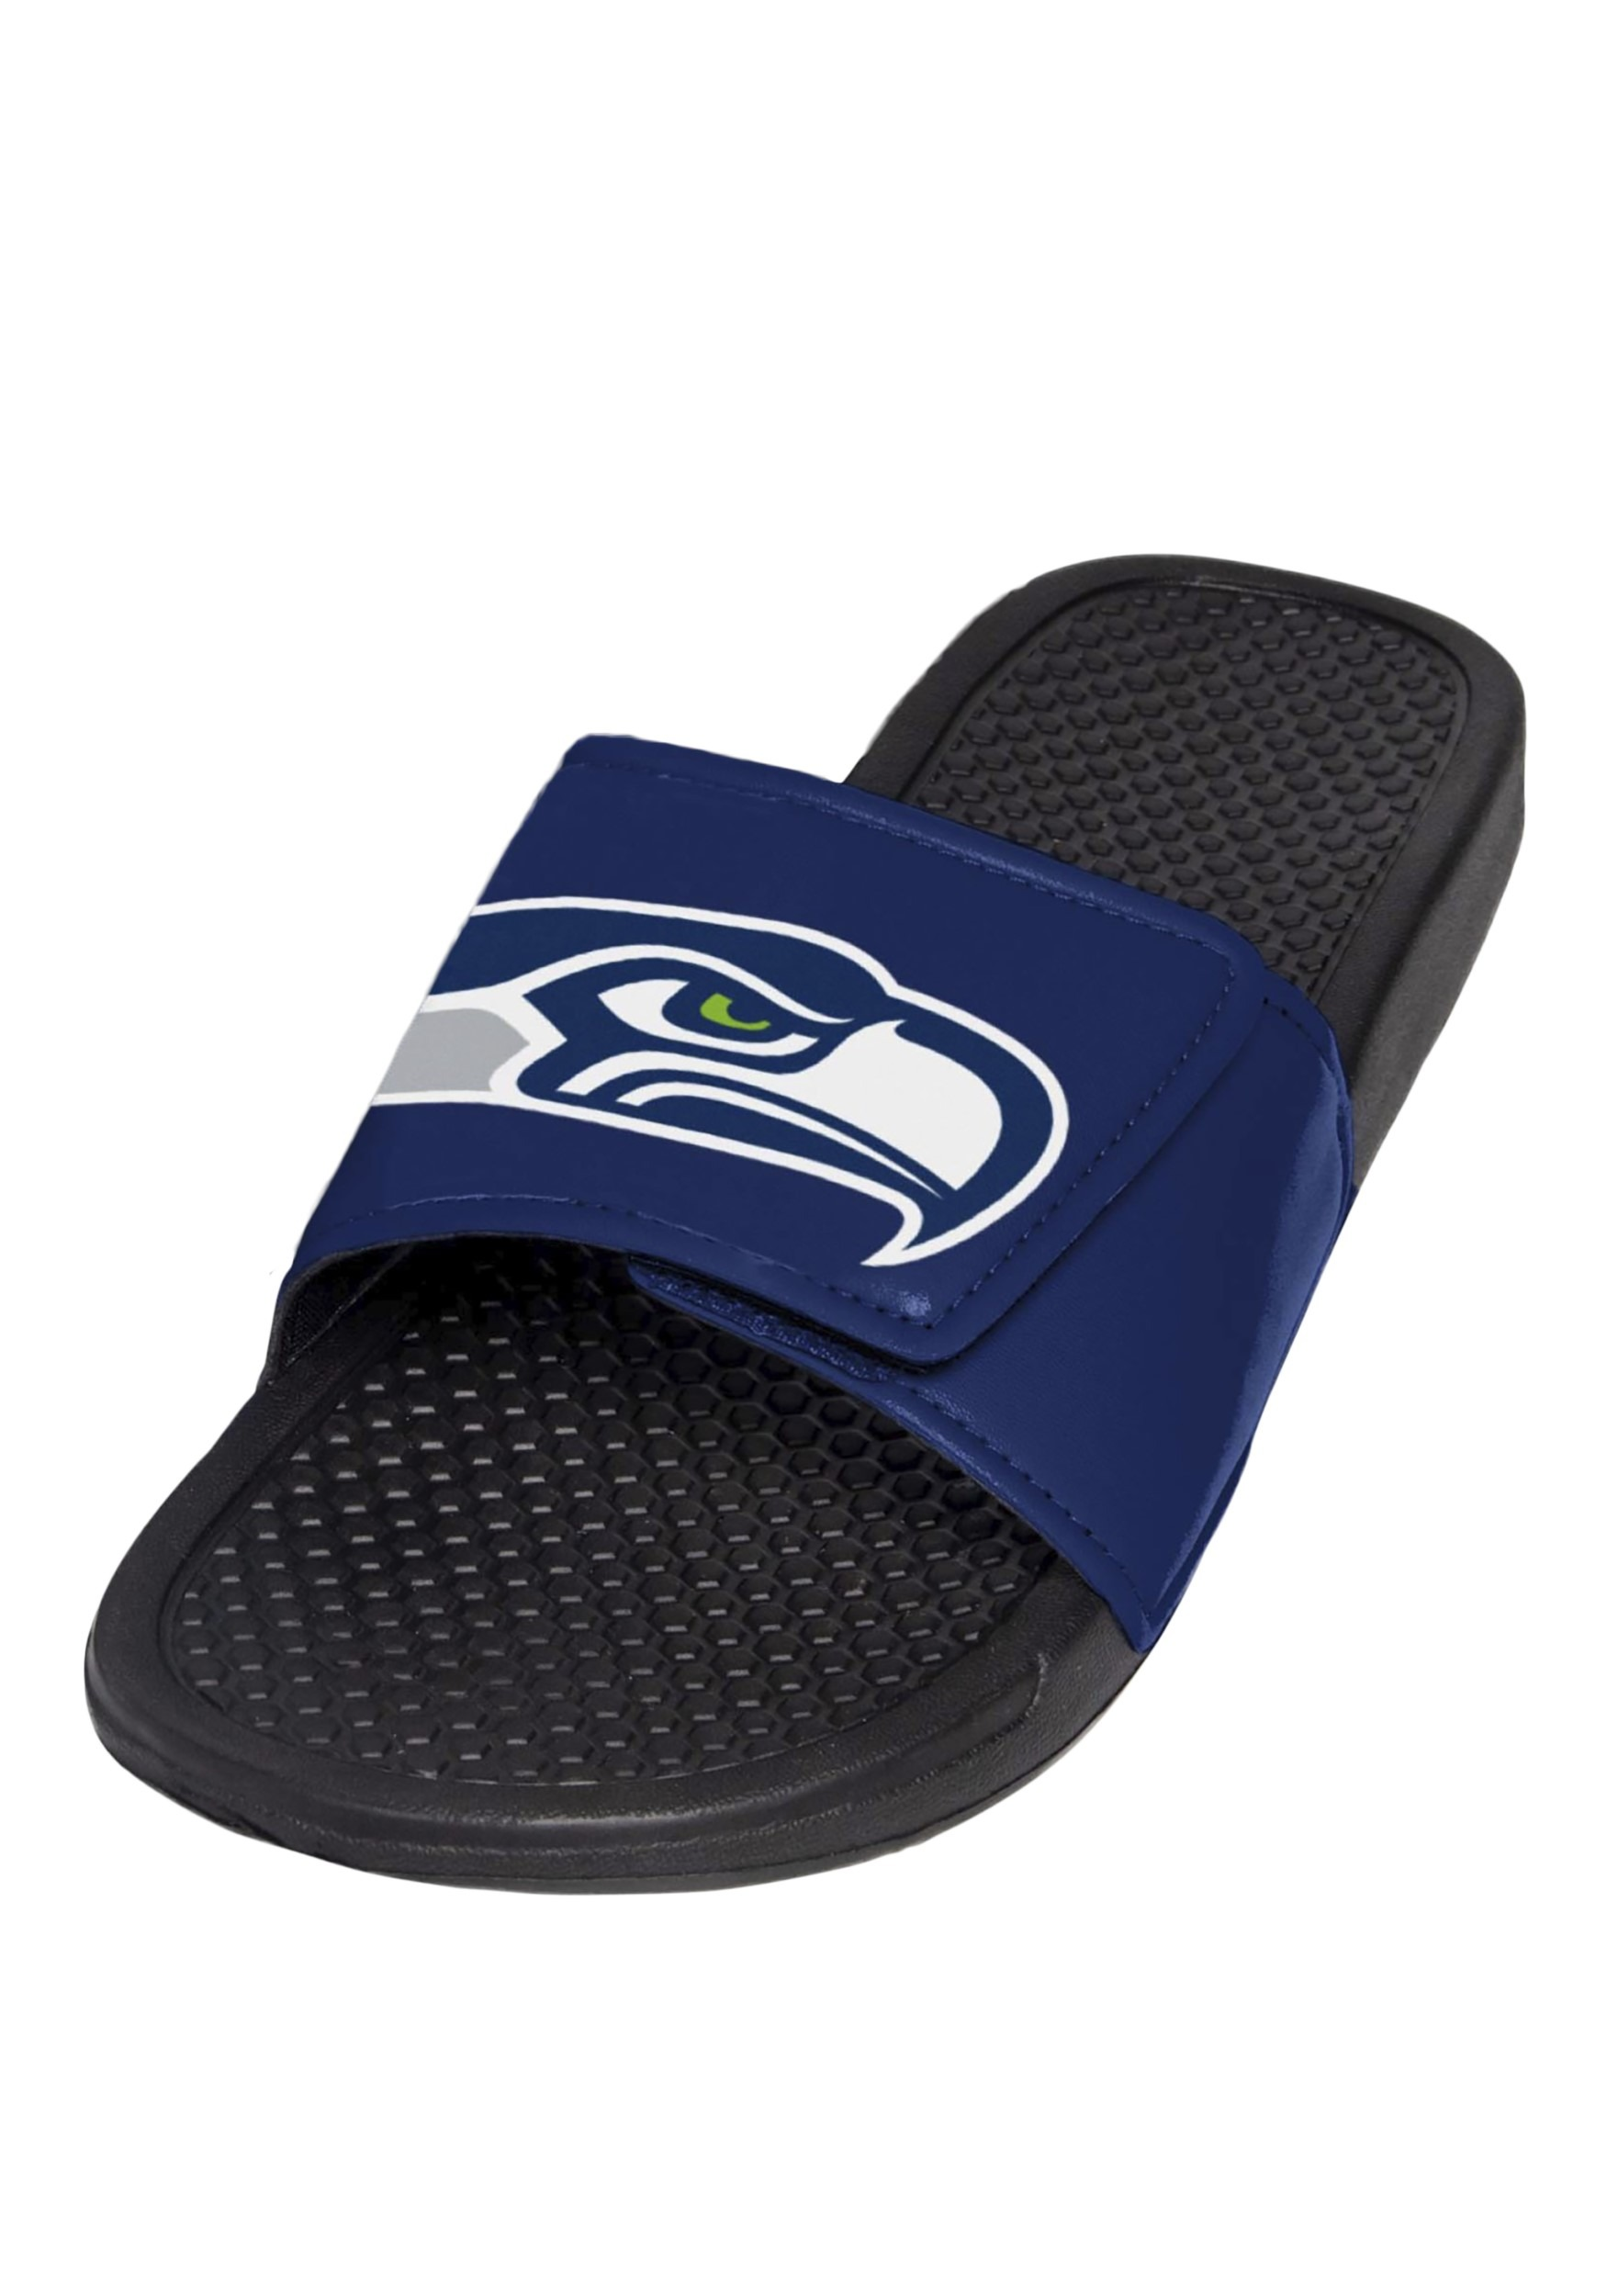 Mens Seahawks Cropped Big Logo Slide Flip Flop Sandals